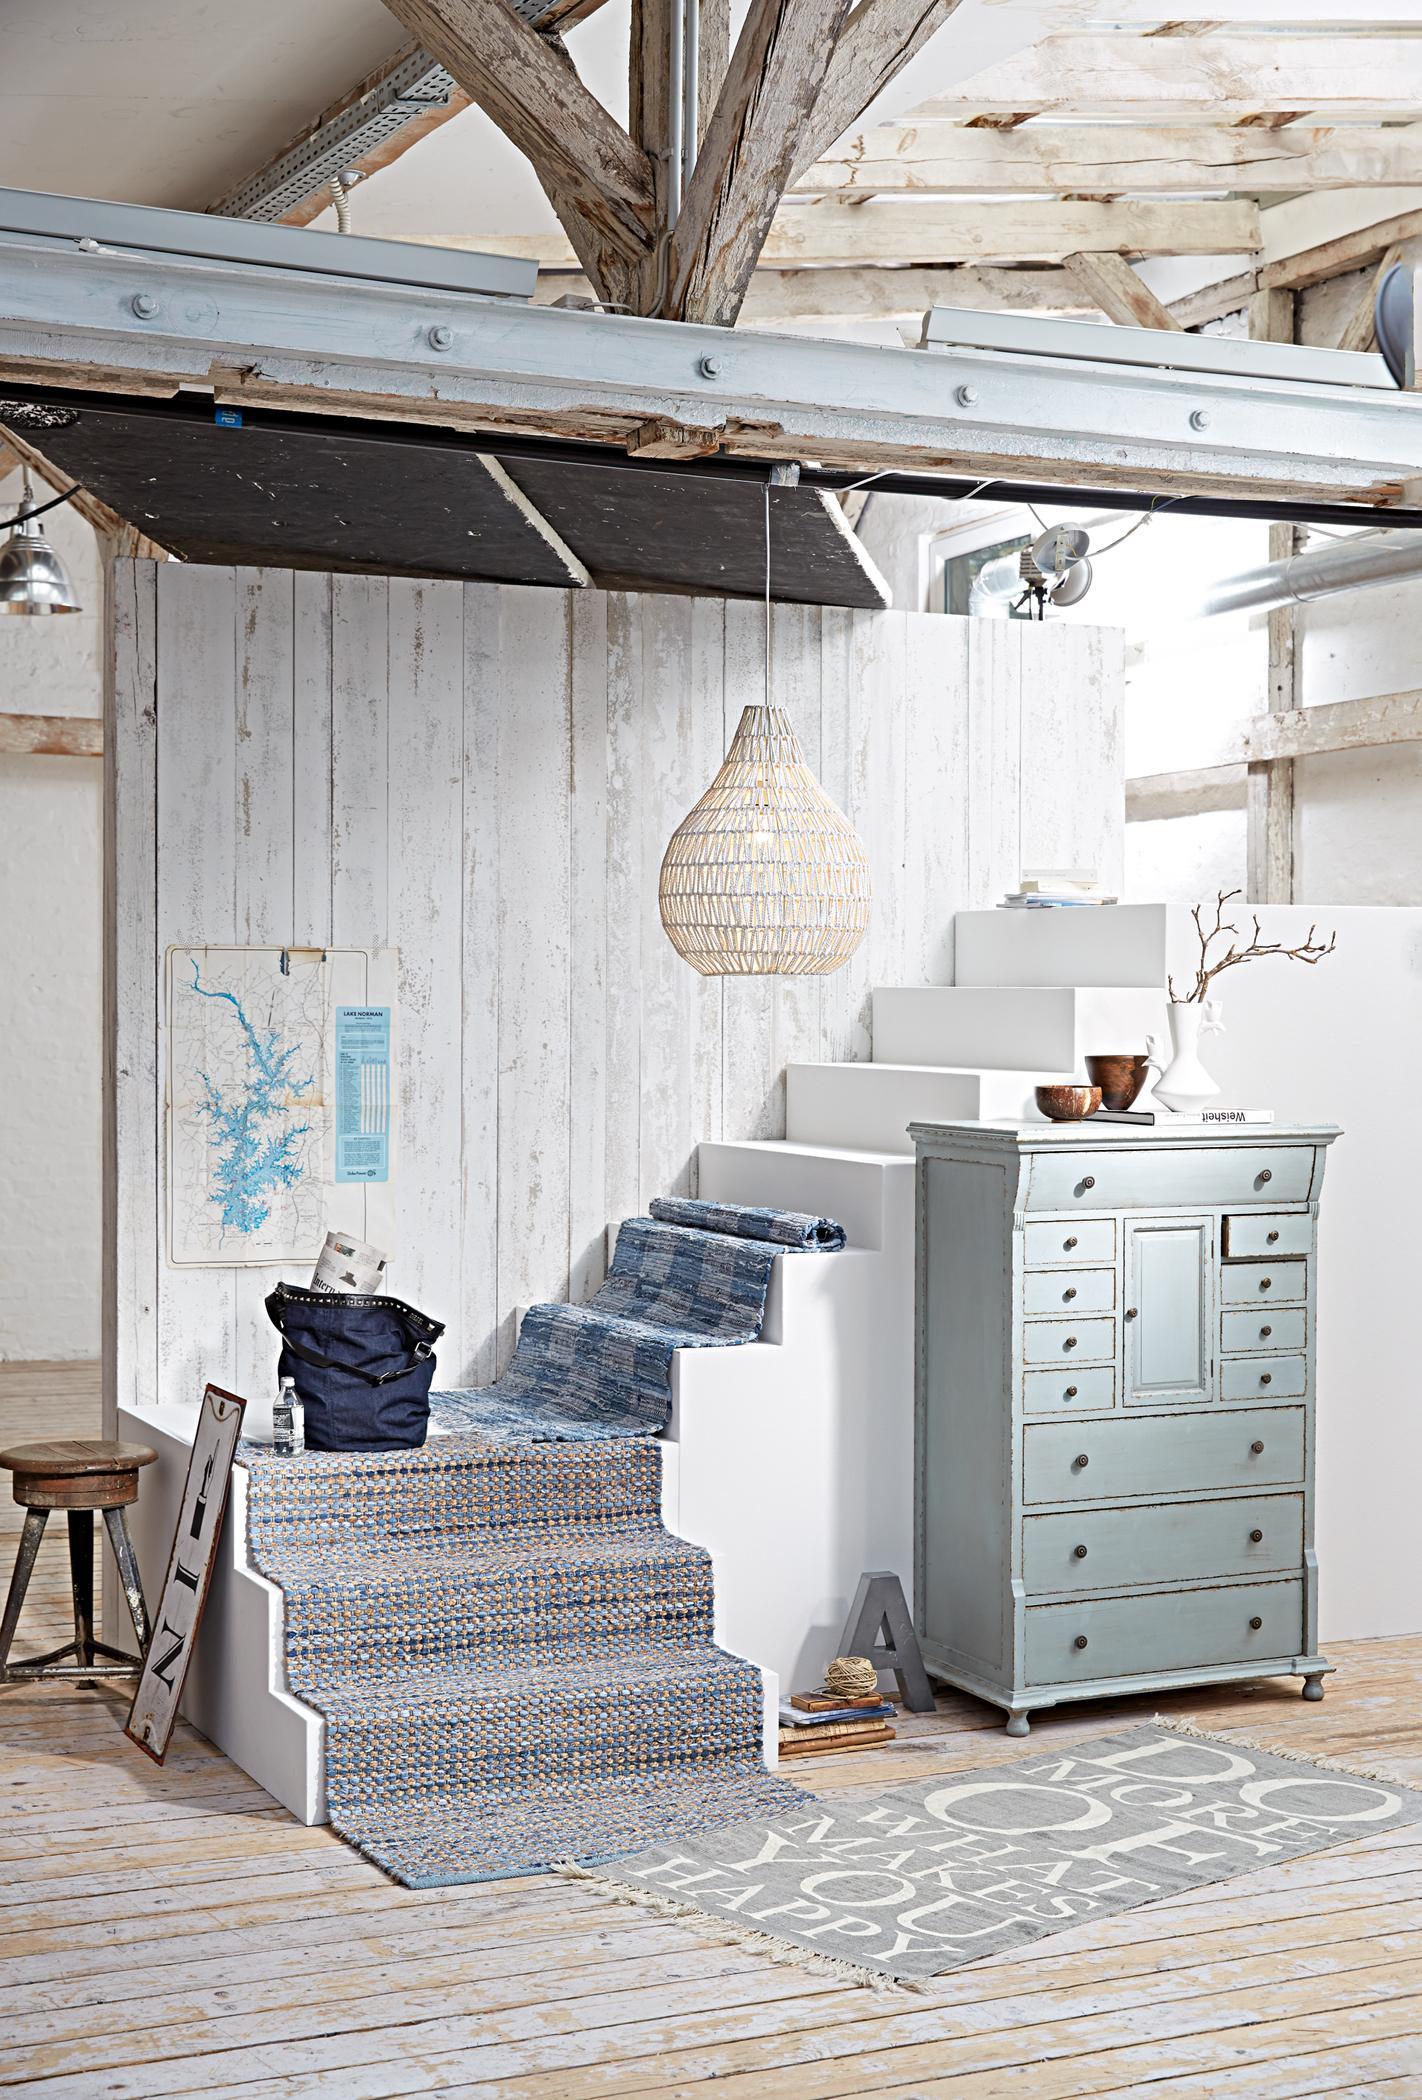 Wandpaneele Holz Landhausstil holzwandverkleidung bilder ideen couchstyle